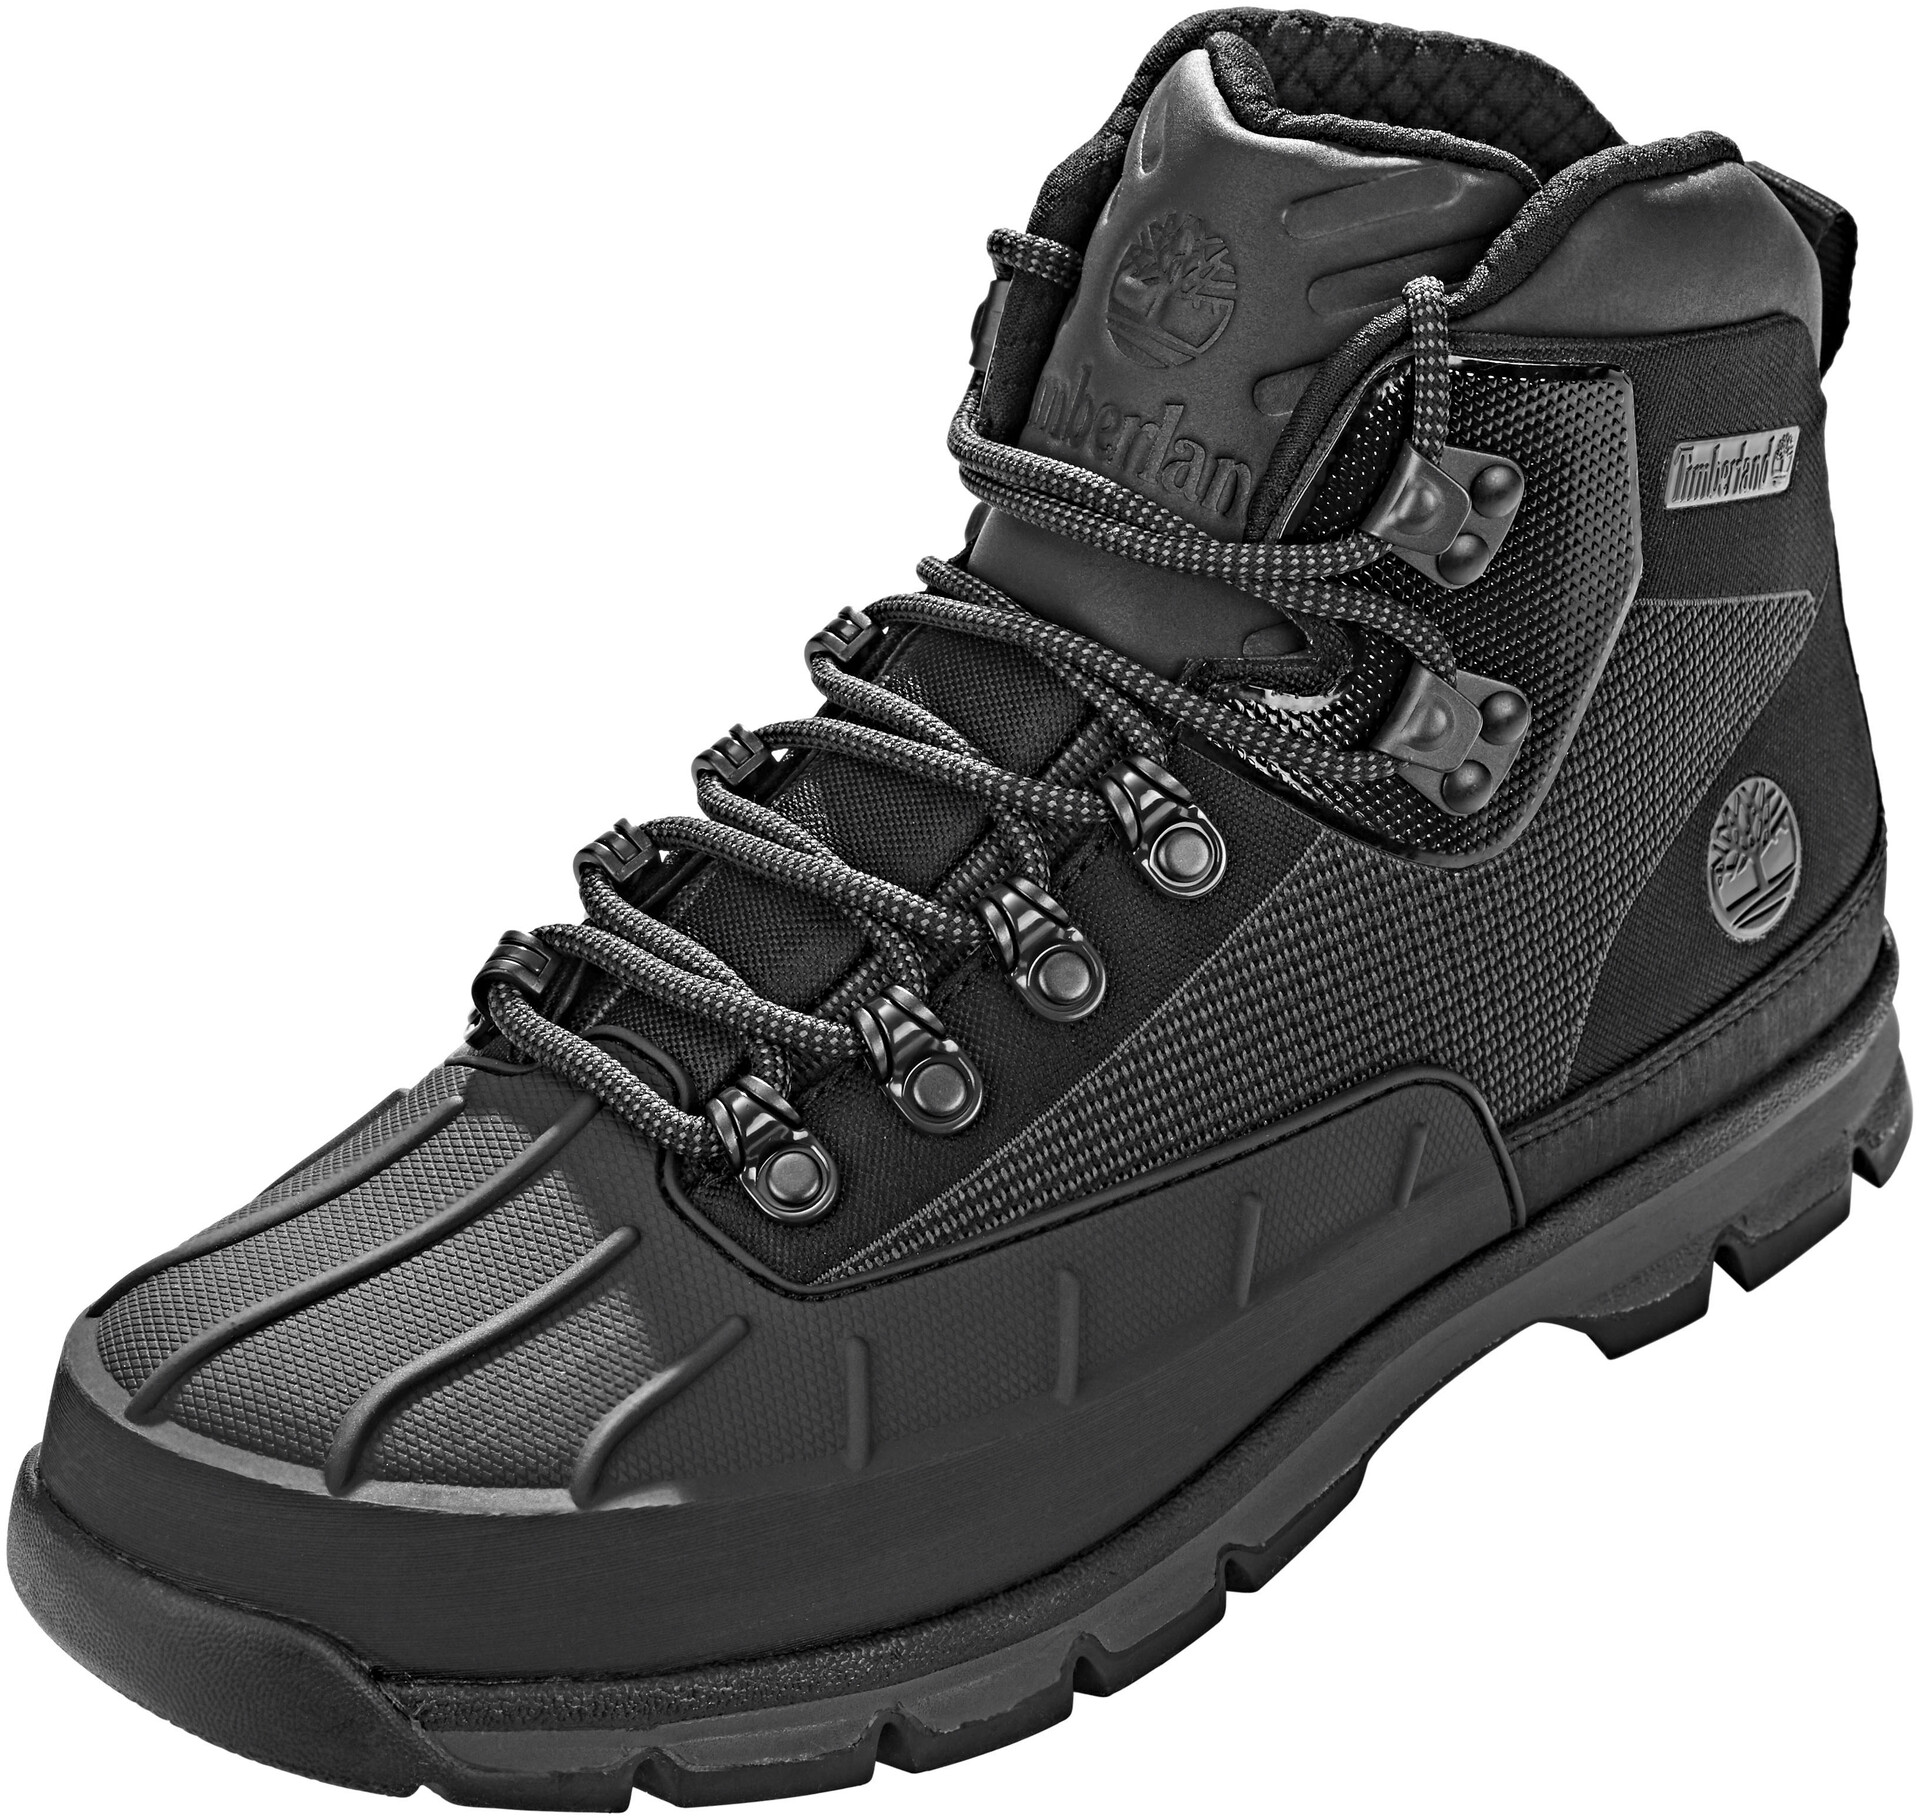 Euro Hiker Chaussures noir sur Timberland CAMPZ Toe Shell Homme pF5xnwgd